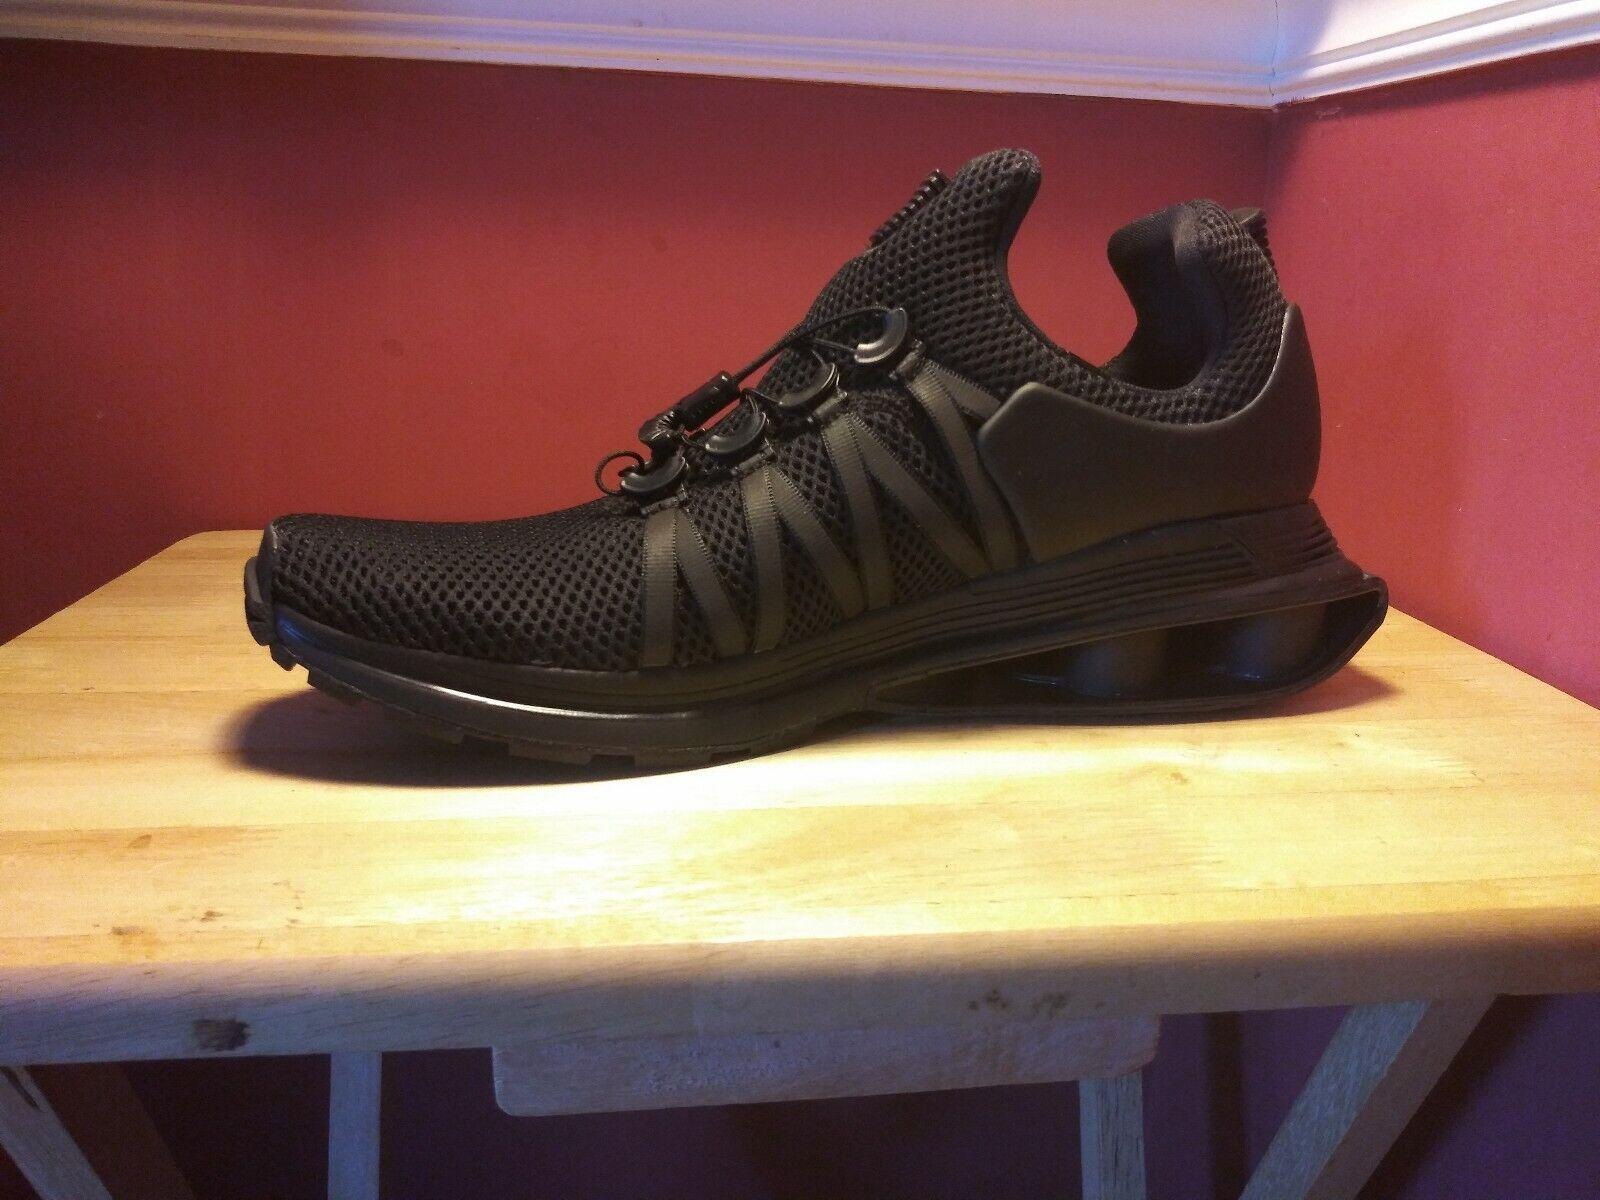 nuove nike shox gravità uomini scarpe taglia 10 triple triple triple black | Per Vincere Elogio Caldo Dai Clienti  | Prezzo di liquidazione  | Promozioni speciali alla fine dell'anno  | Uomo/Donna Scarpa  17b11f